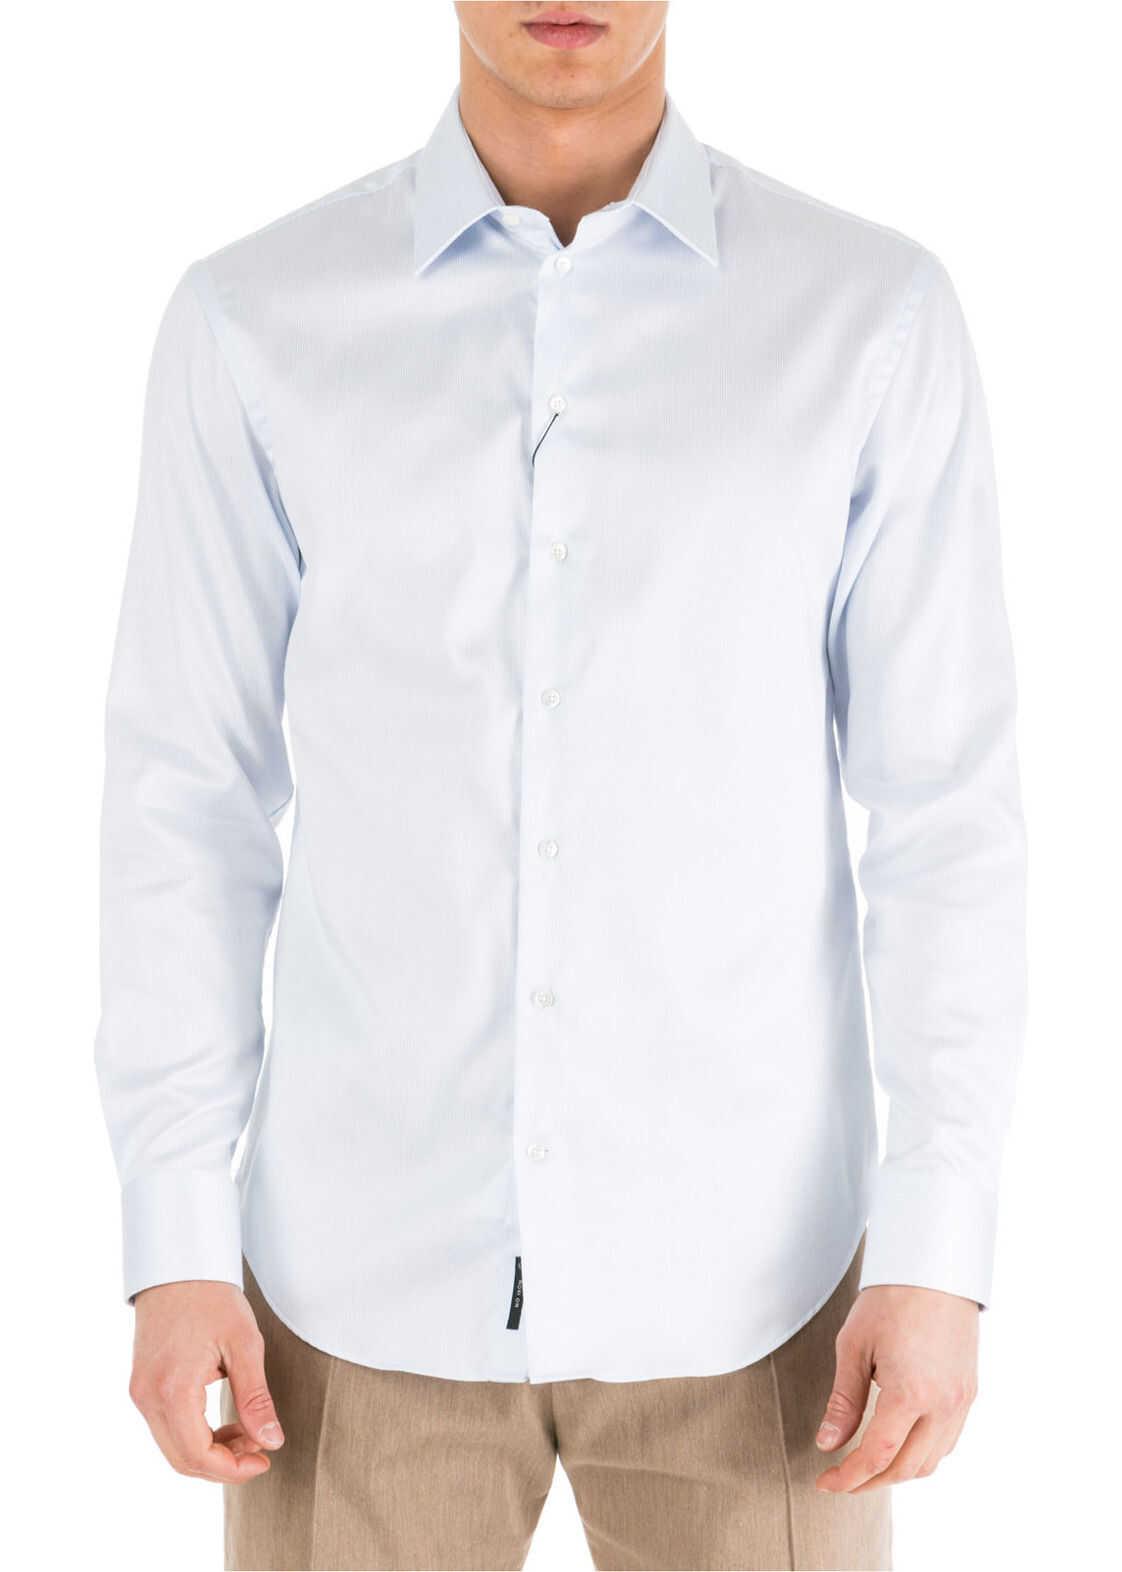 Emporio Armani Dress Shirt Light blue